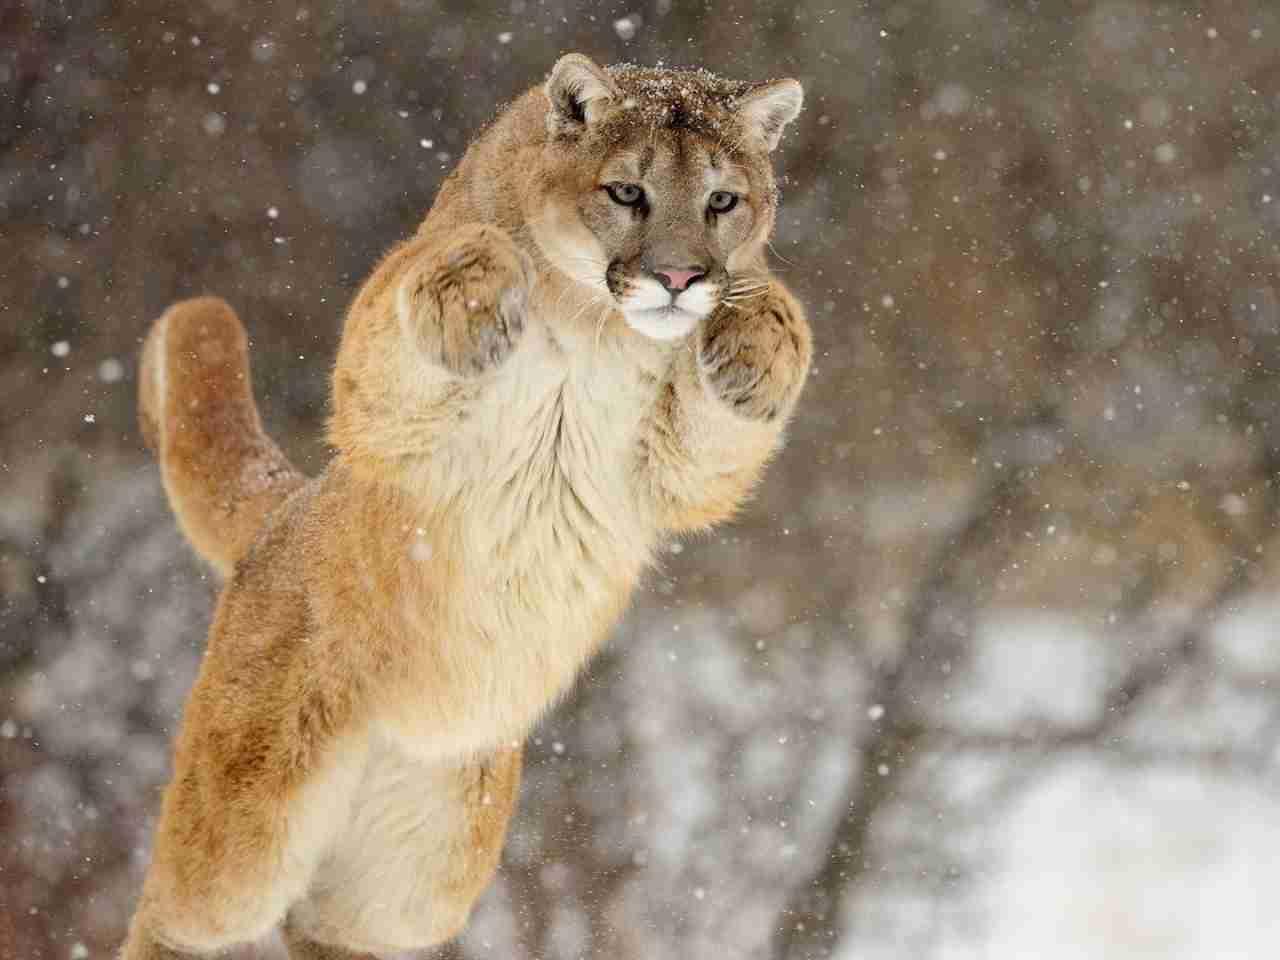 【踊る・舞う・飛ぶ】動物達の画像